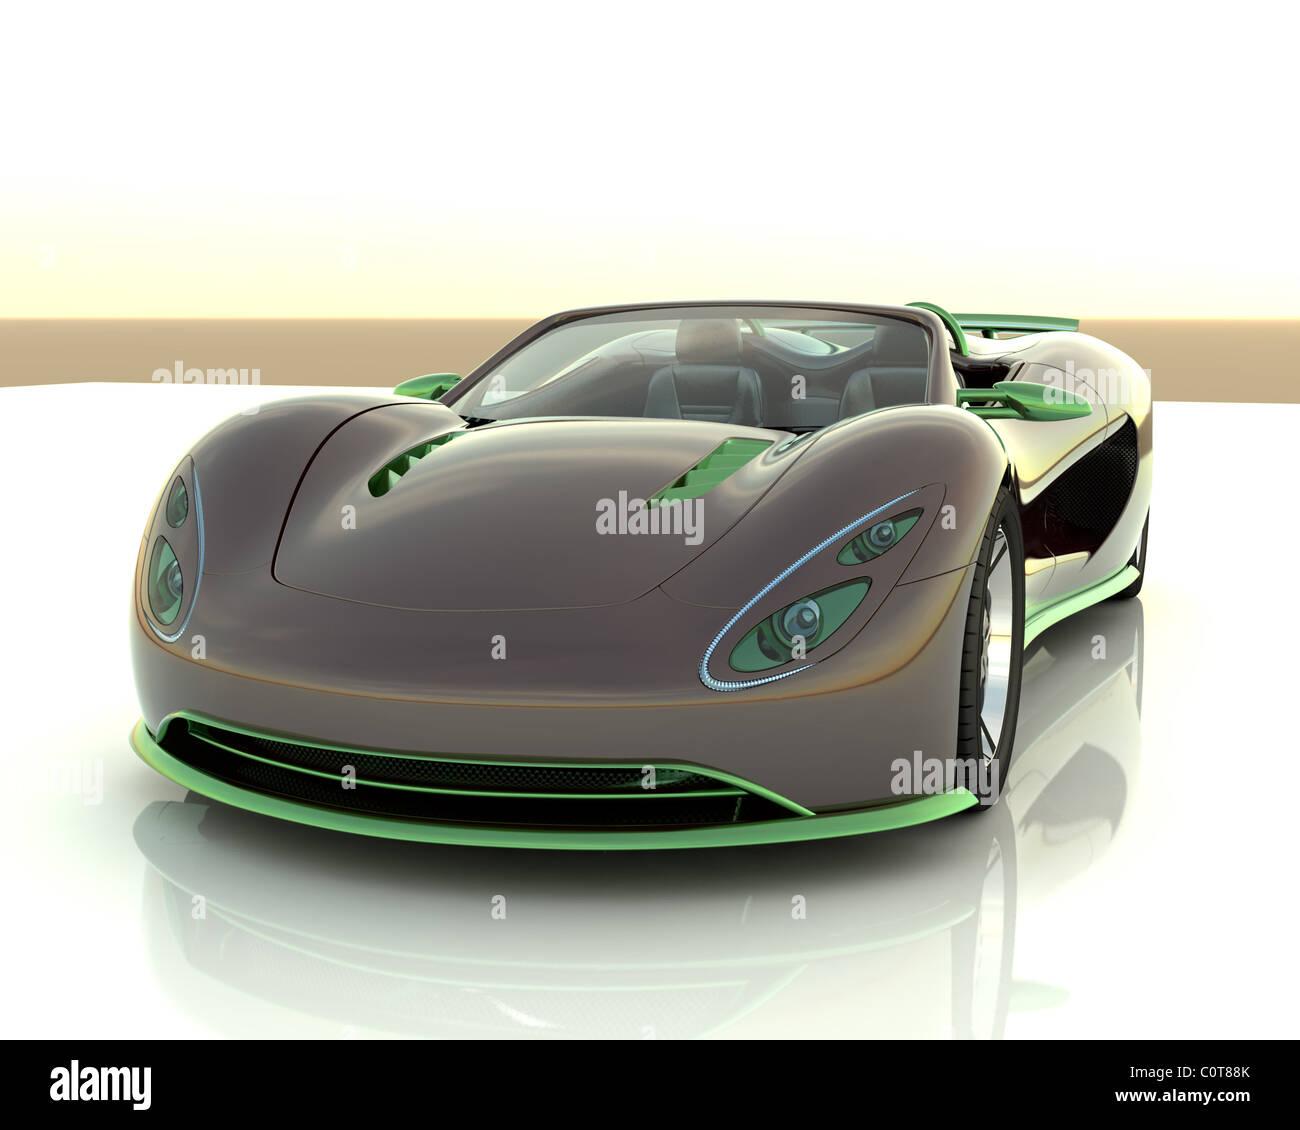 The Scorpion Move Over Bugatti Lamborghini And Saleen The Ronn